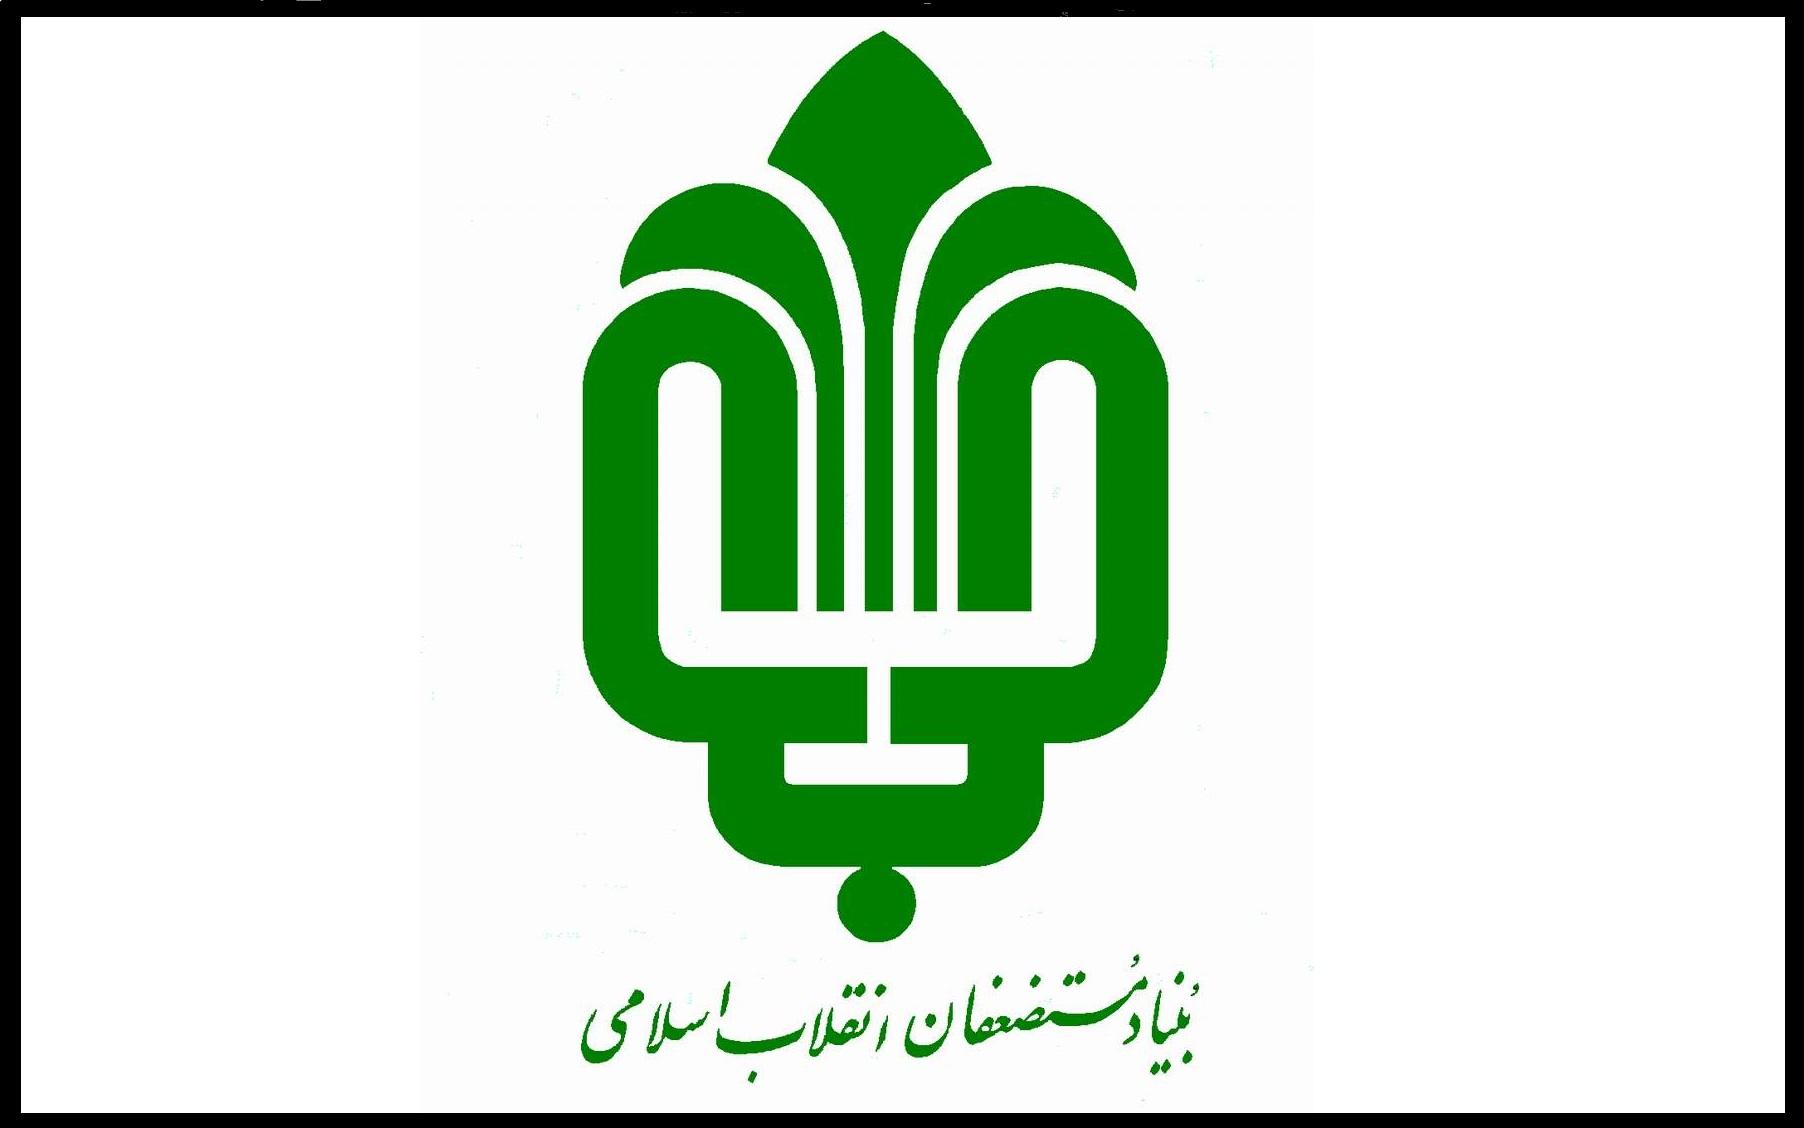 با مشارکت بنیاد مستضعفان تعمیر و تجهیز مساجد سروآباد انجام شد